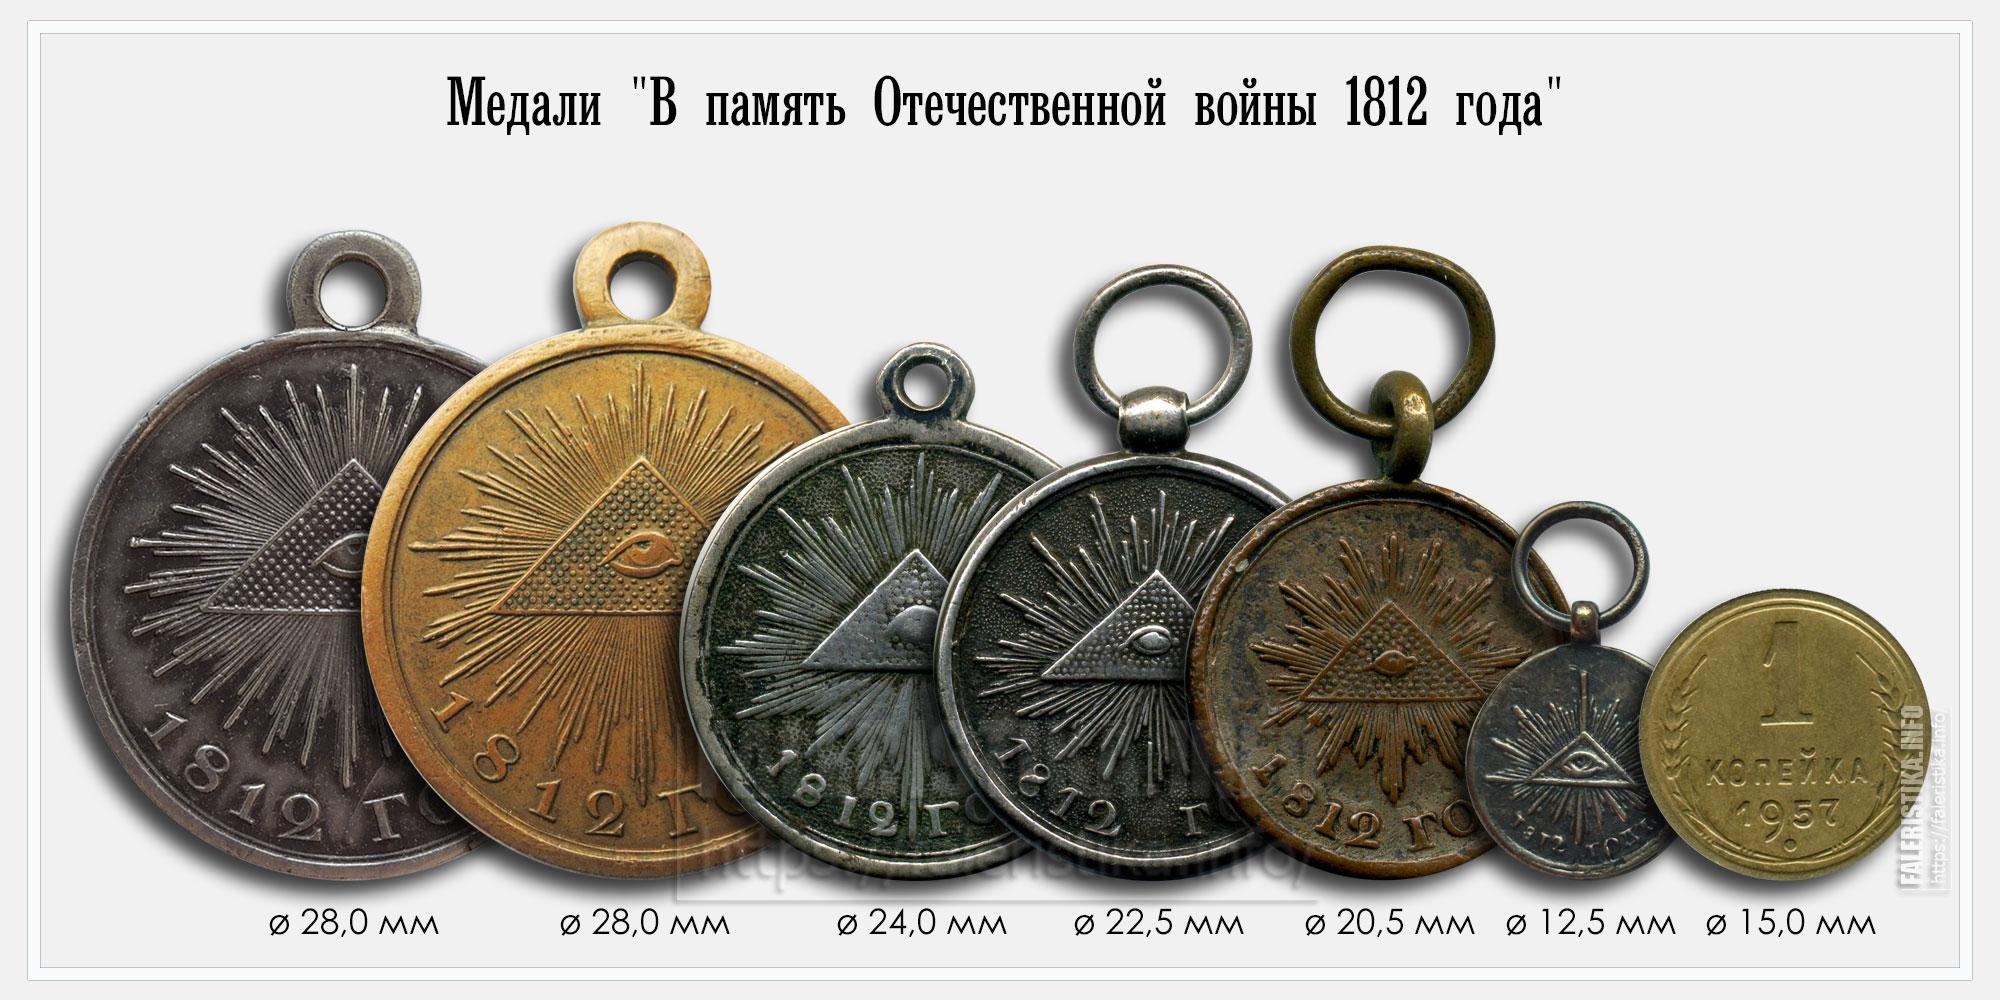 """Сравнение диаметров медалей """"В память Отечественной войны 1812 года"""""""